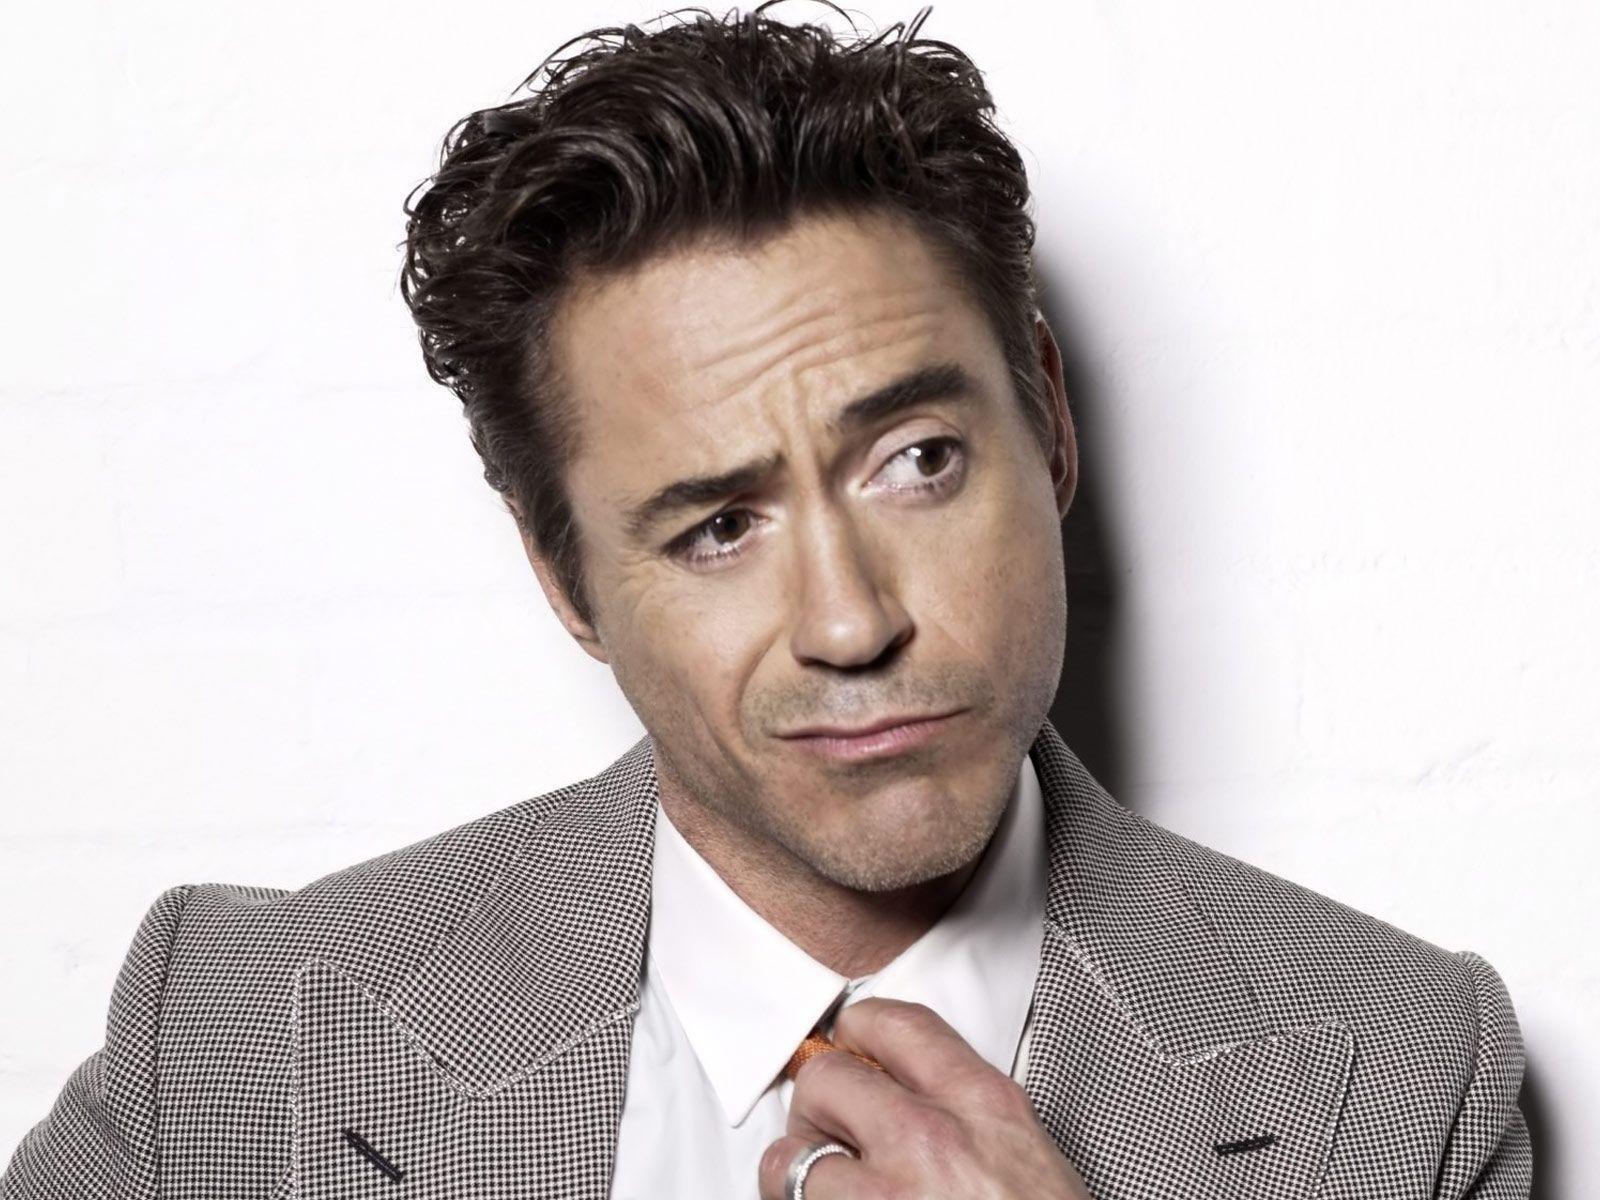 Robert Downey, Jr. for mobile